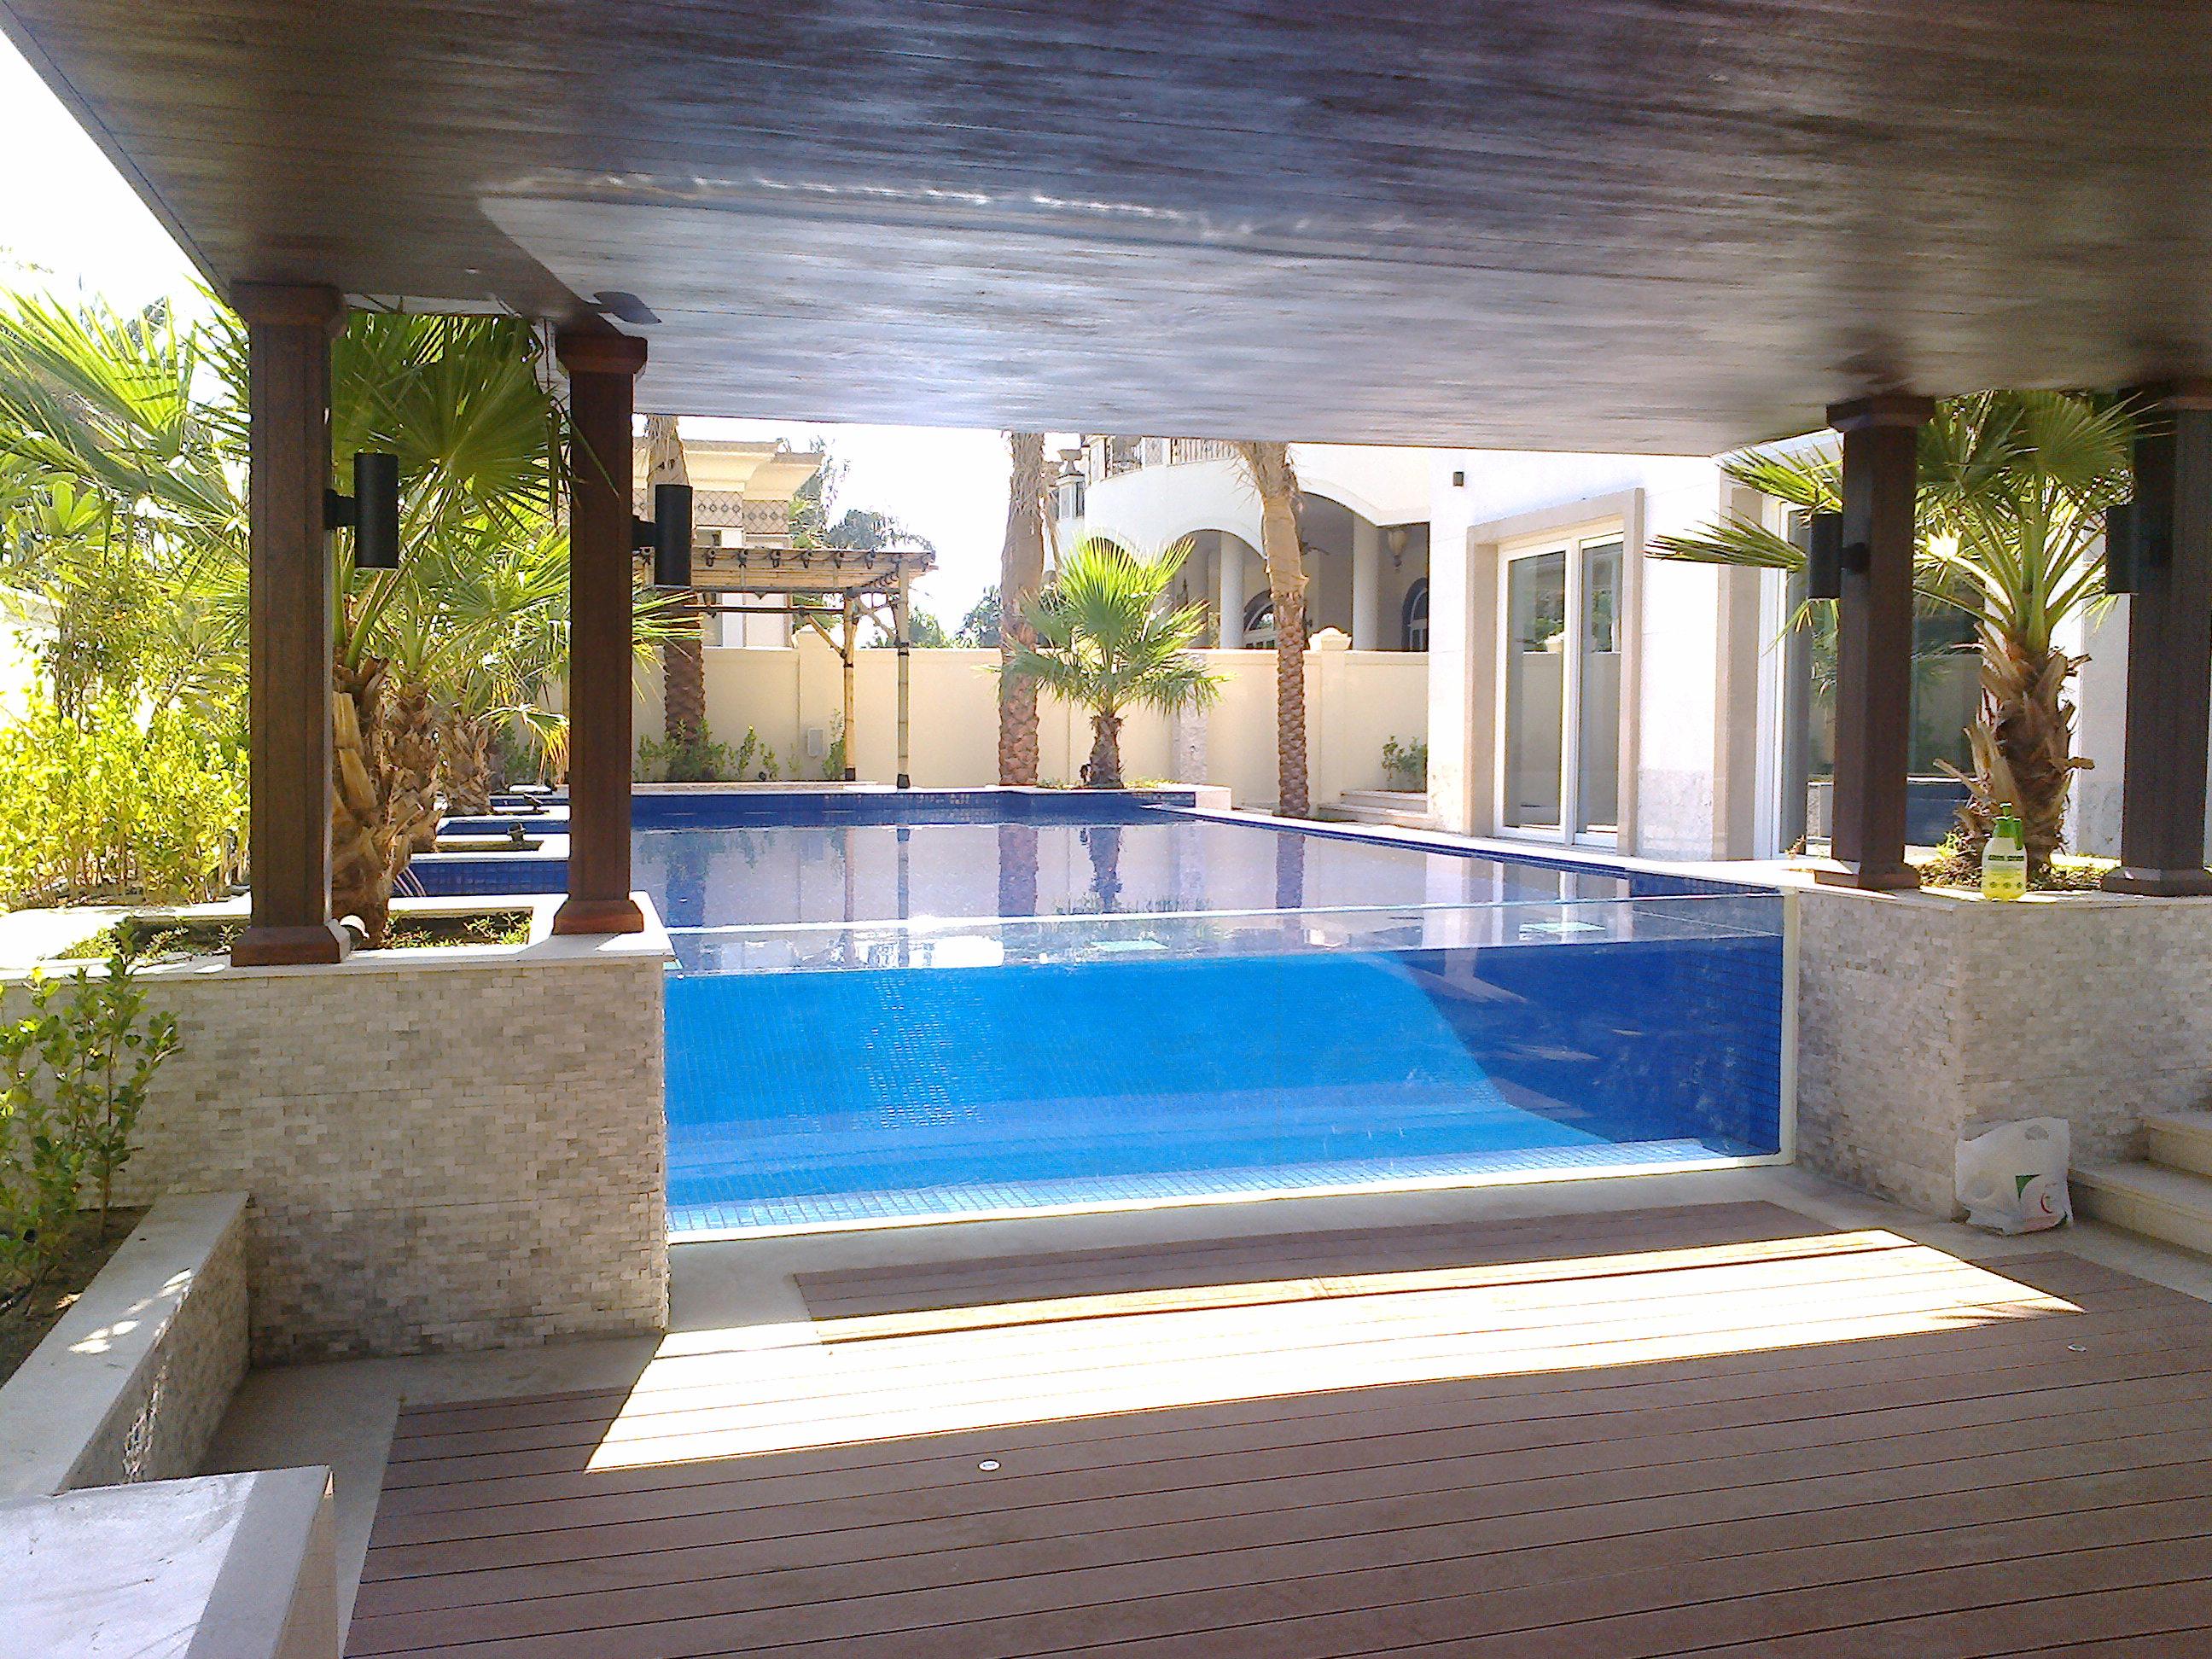 Professional acrylic dubai acrylic in dubai acrylic fabricator in dubai acrylic companies for Swimming pool suppliers in dubai